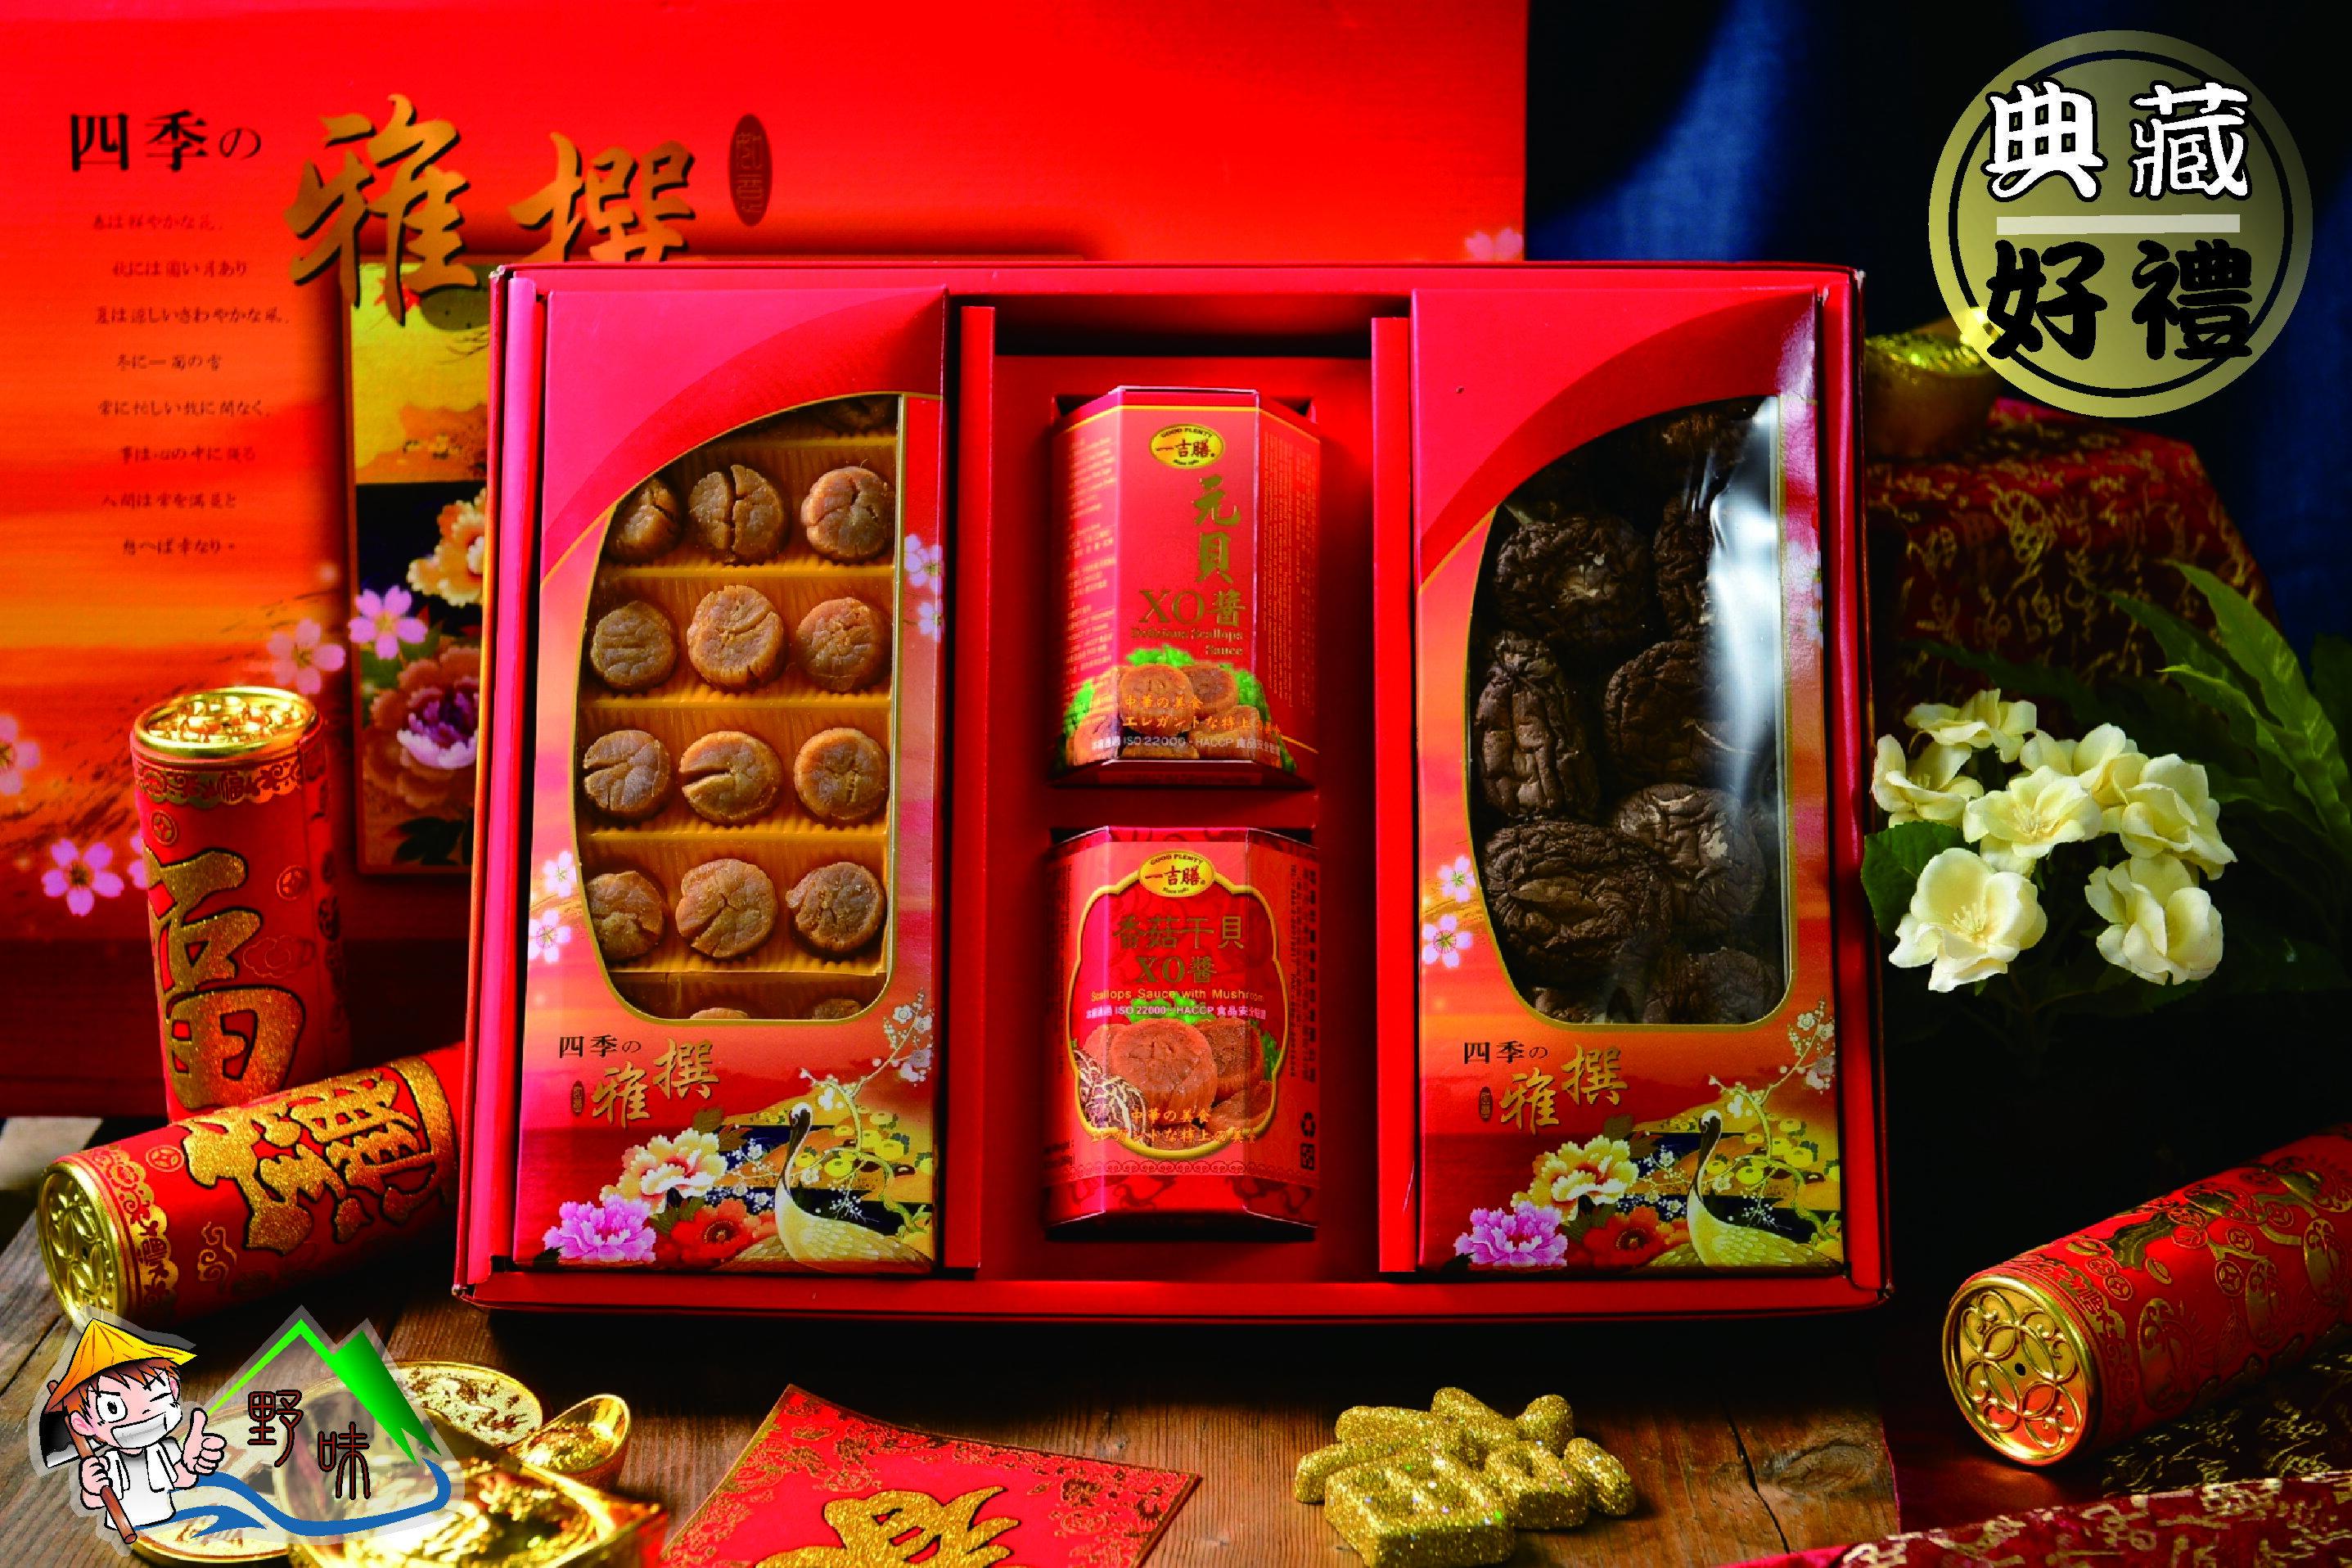 【野味食品】四季雅撰62(日本北海道M級干貝柱+台灣埔里嚴選特大香菇+一吉膳元貝XO醬+一吉膳香菇XO醬罐頭)(附贈年節禮盒、禮袋)(春節禮盒,傳統禮盒,年貨禮盒)